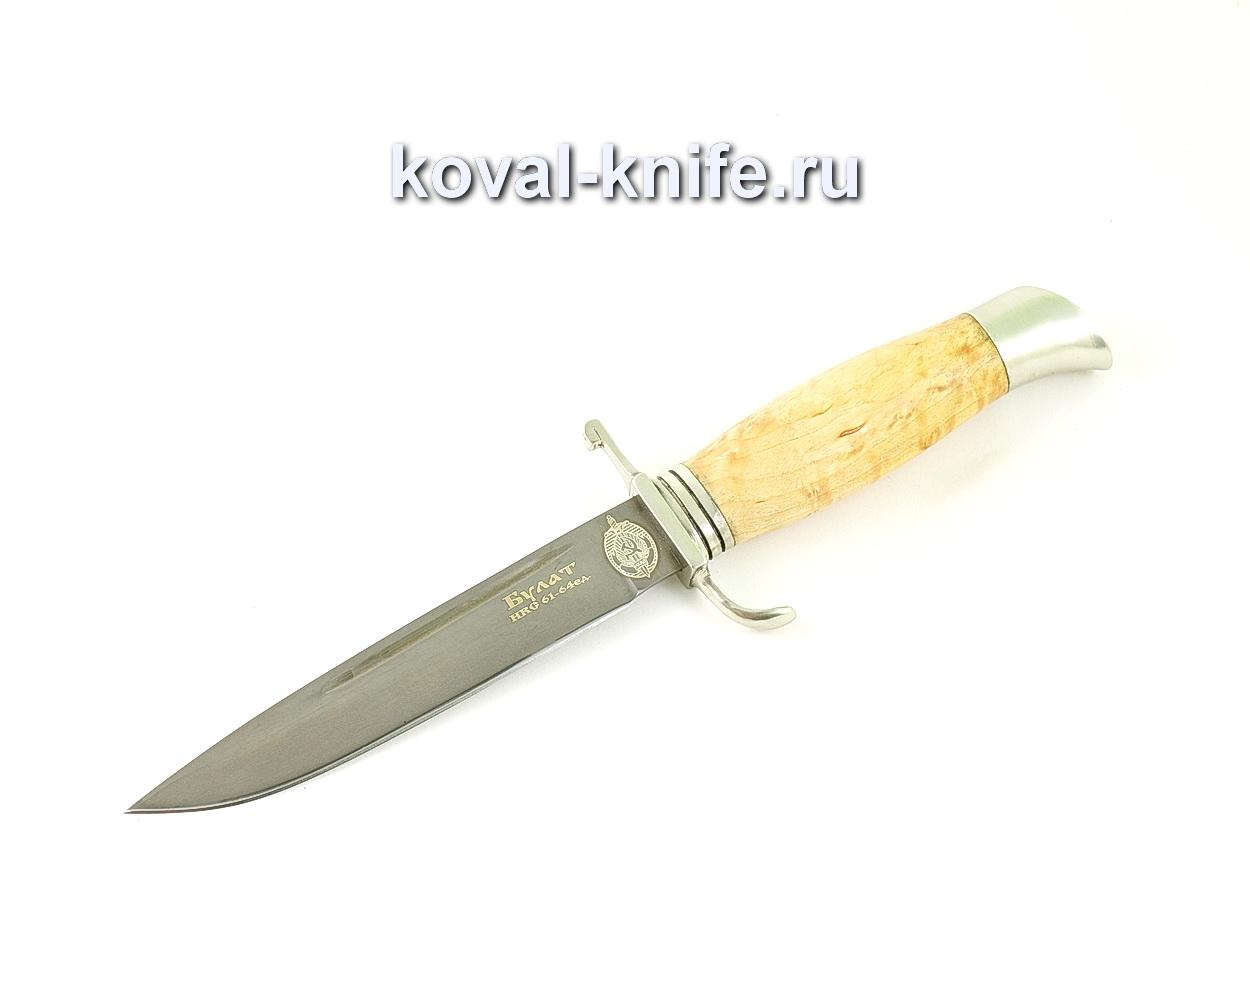 Нож из булатной стали Финка НКВД (Легированный булат, рукоять карельская береза, литье мельхиор) A474